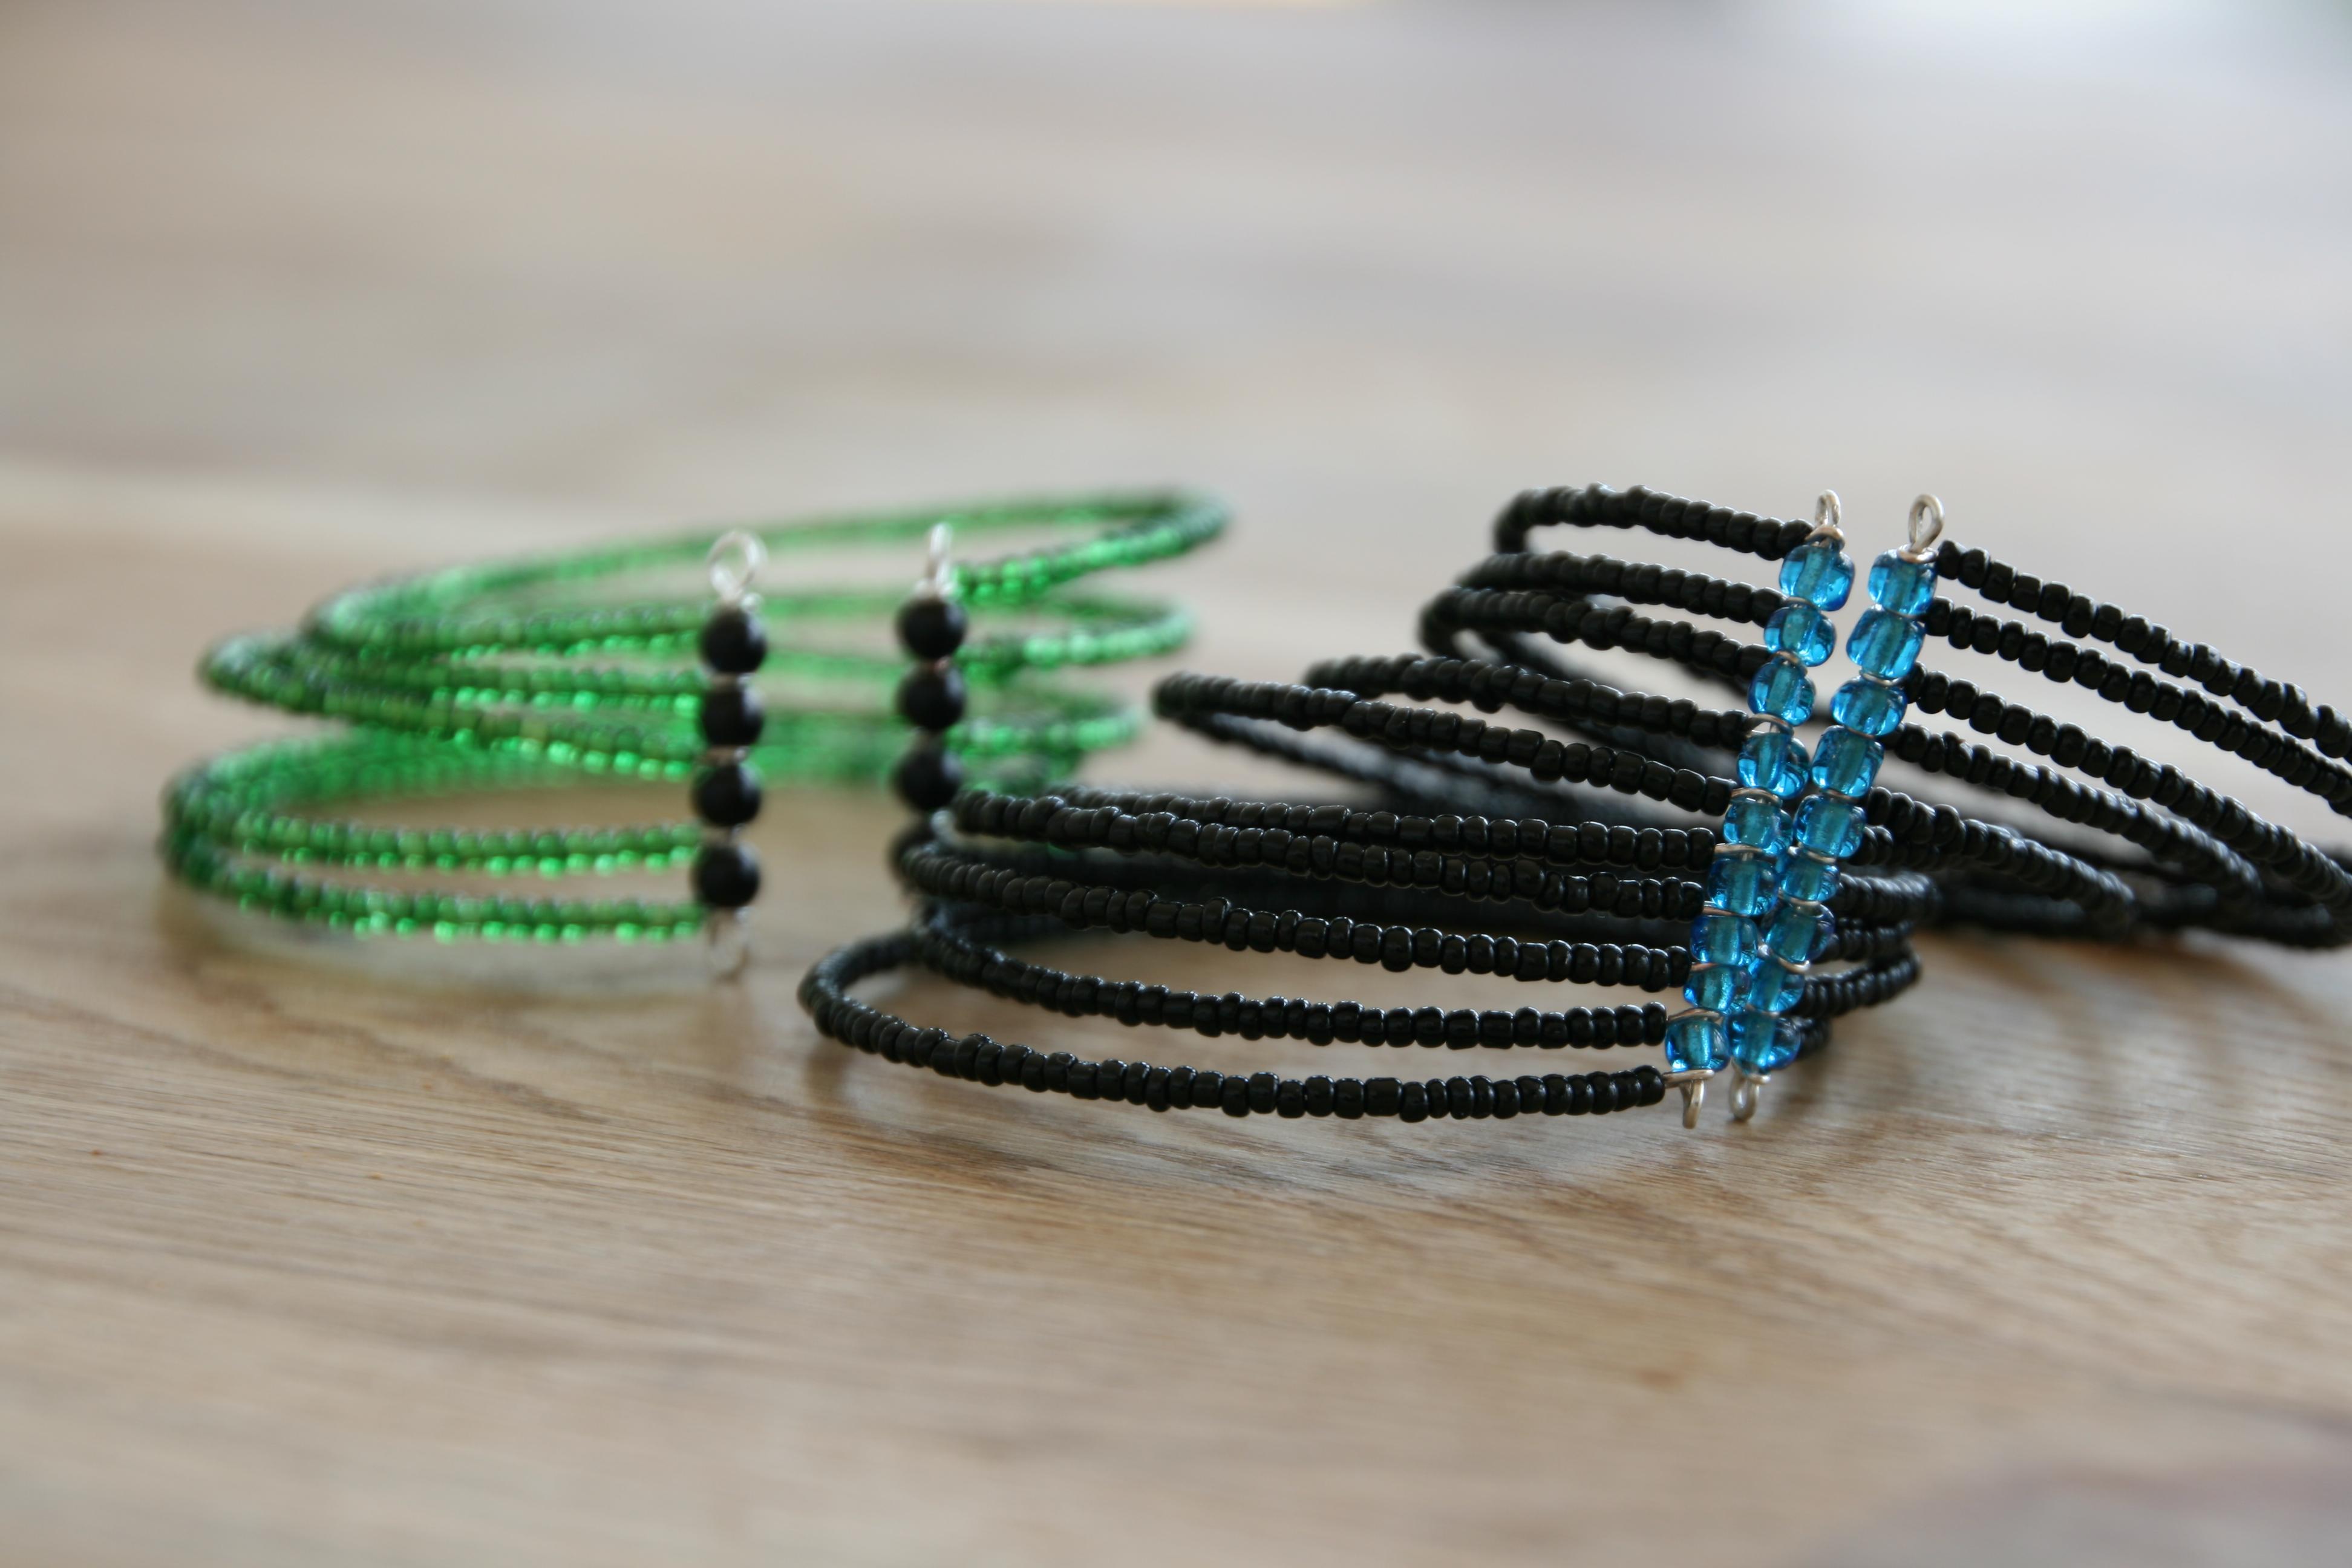 Multi-strand cuff bracelets.